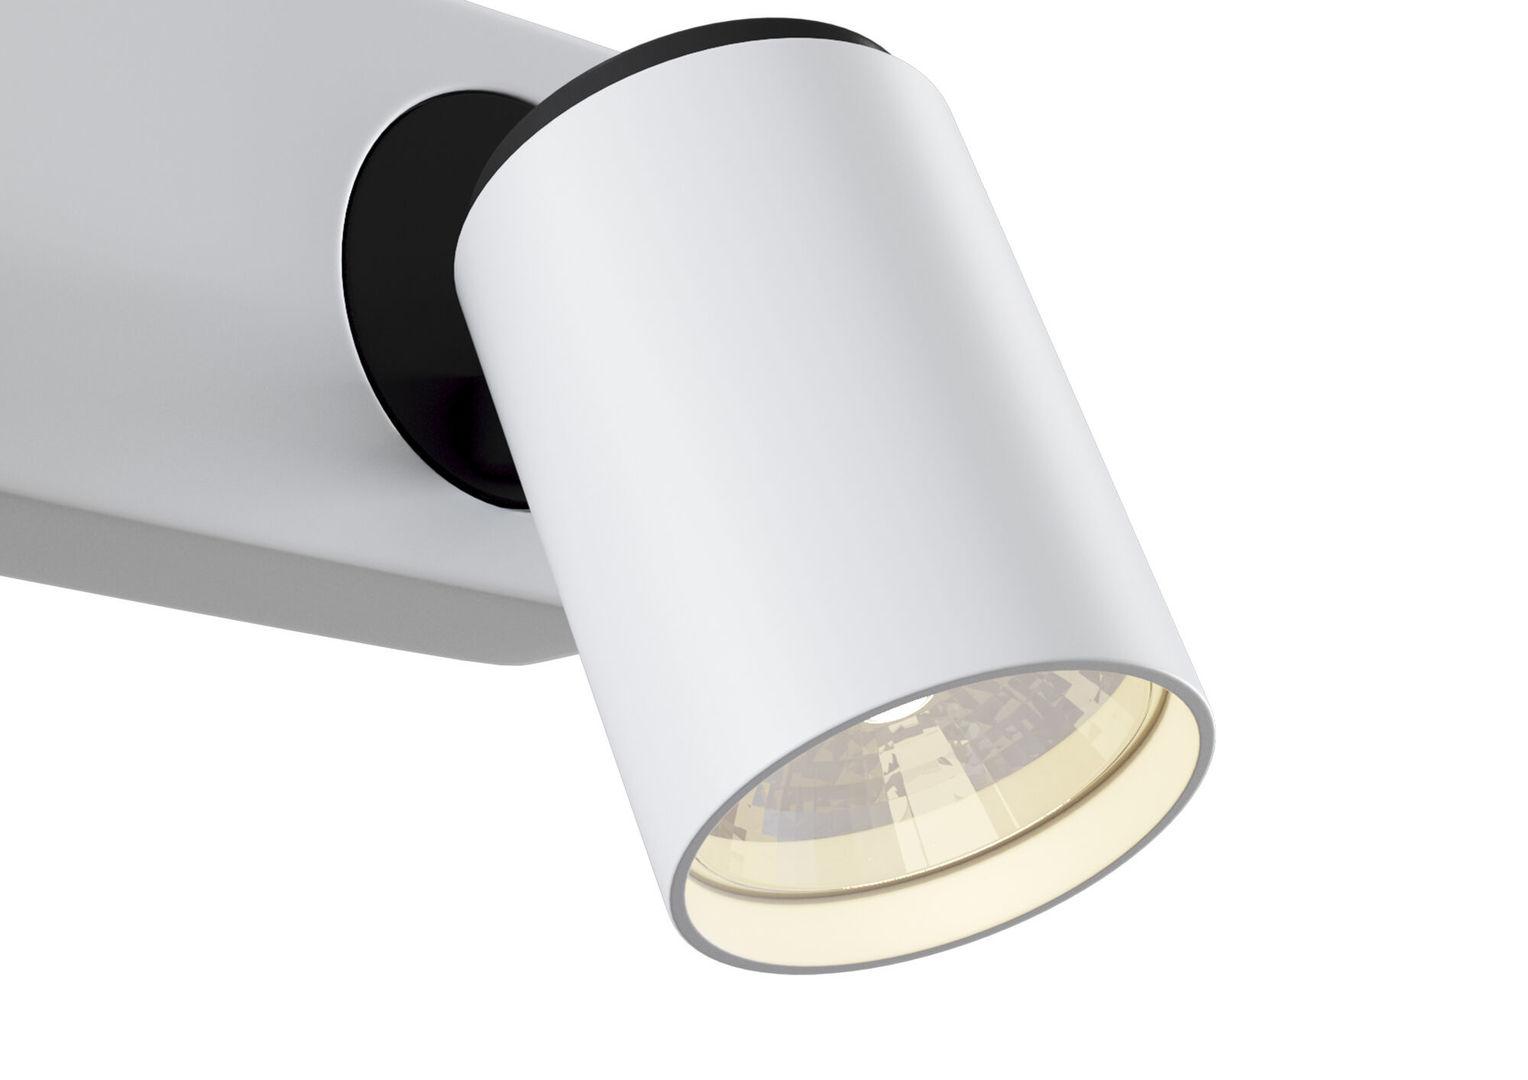 Reflektorek Maytoni Alliot SP317-CW-01-W